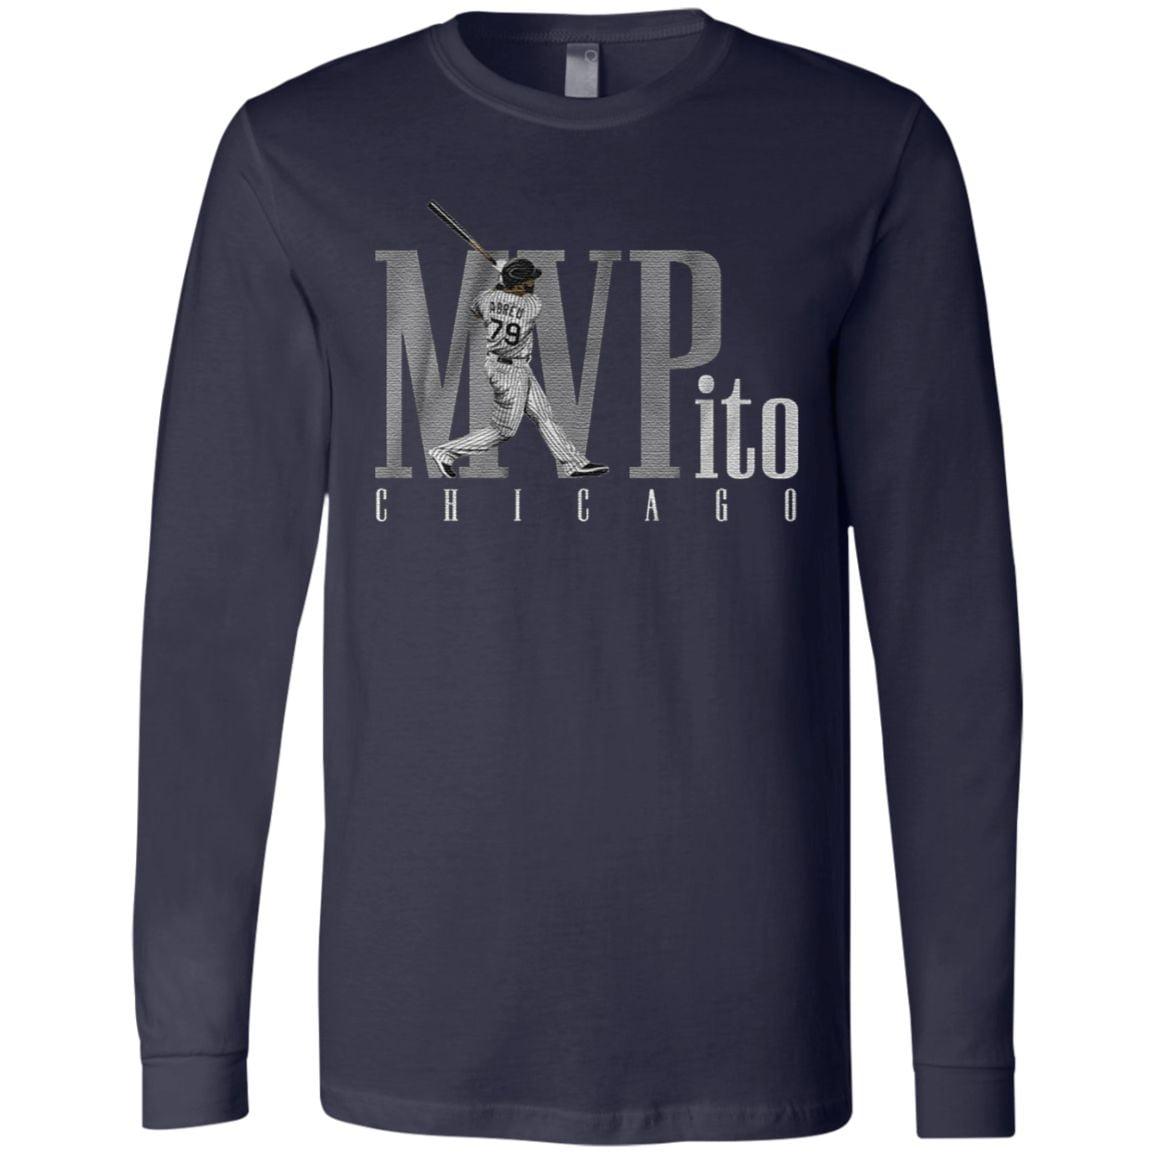 mvpito Chicago t shirt